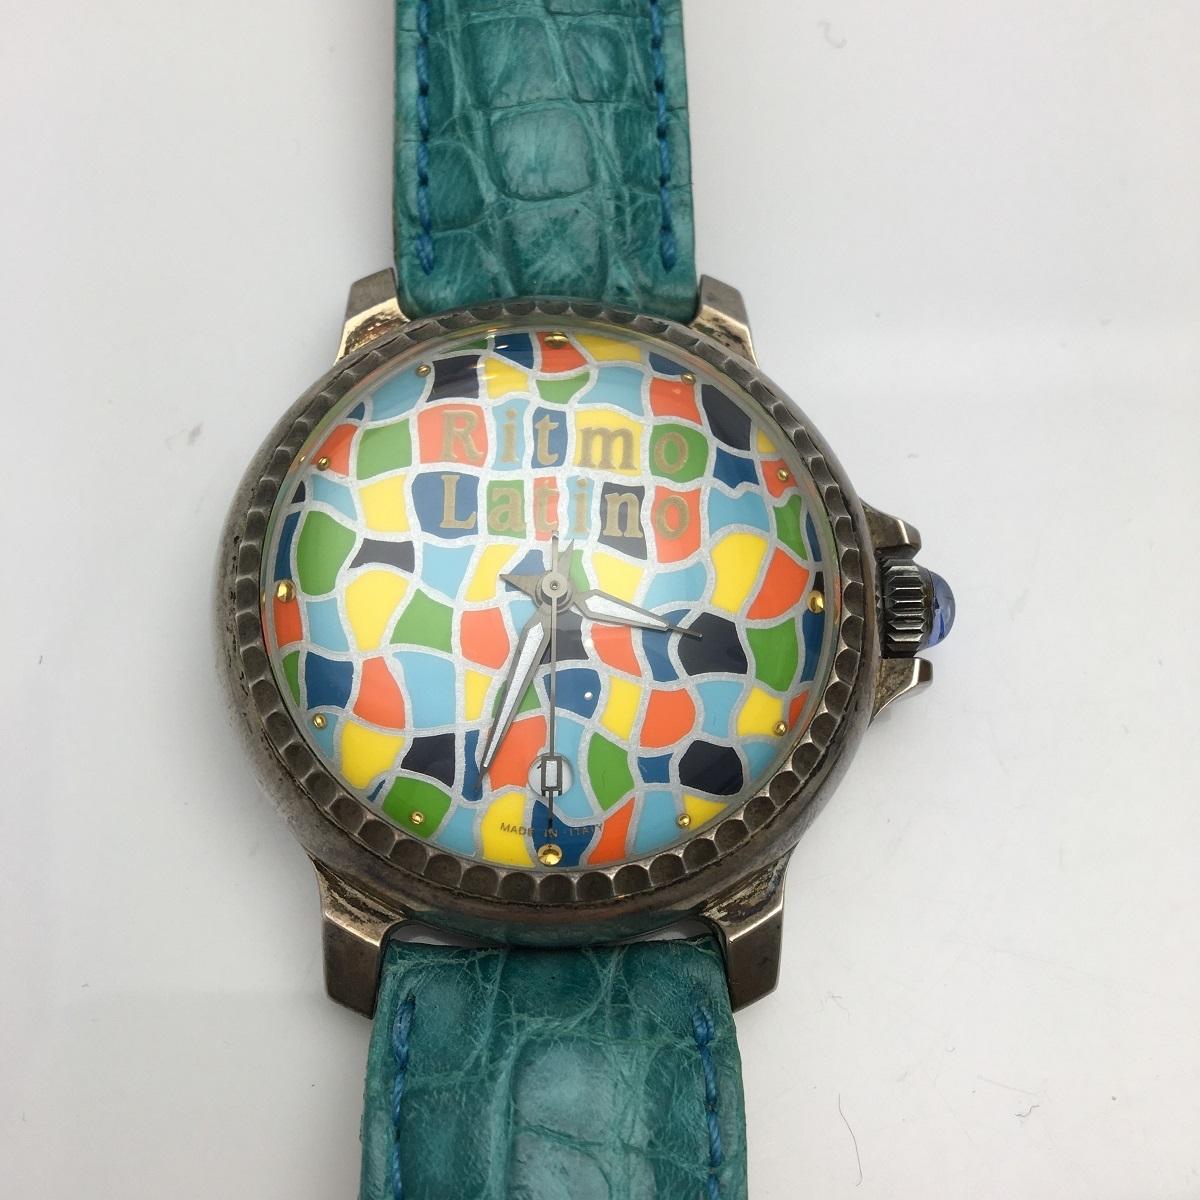 Ritmo Latino リトモラティーノ モザイコ Qz クォーツ 925 シルバー ボーイズ 腕時計 革ベルト 初期型 3000本限定 【トレジャースポット】【中古】